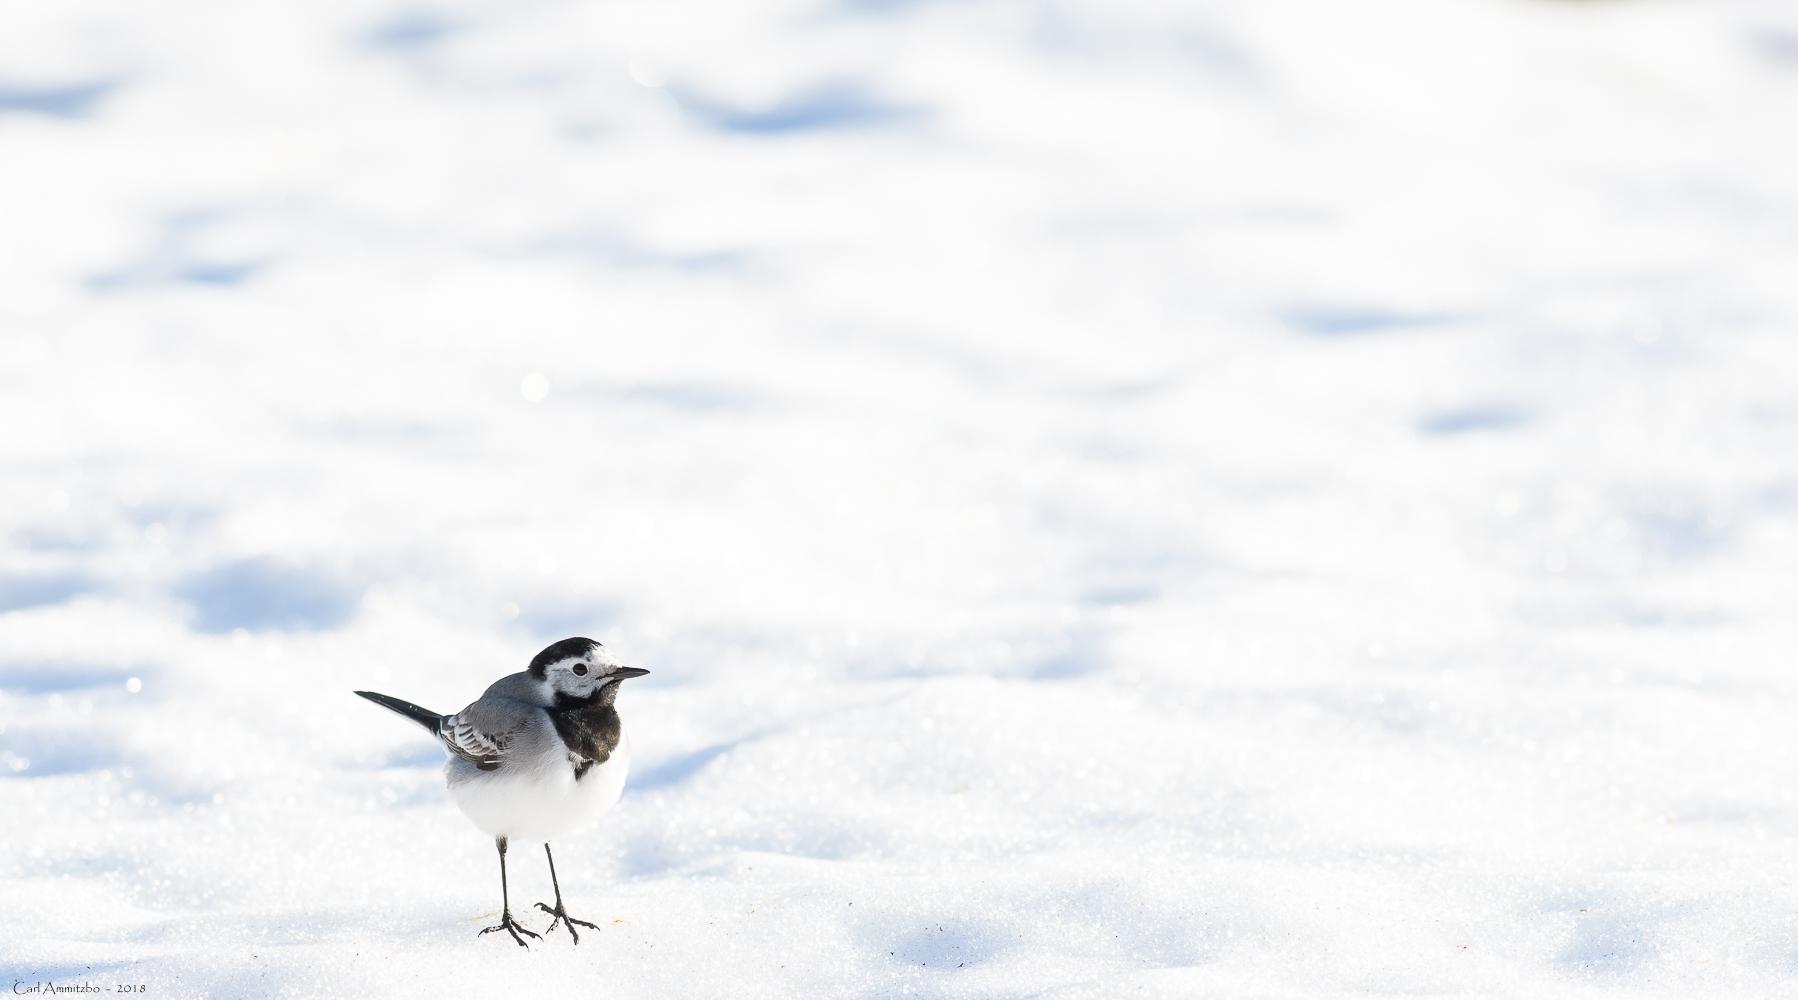 08 - 0422 - Vipstjert i sne - 01 - Bergslagen